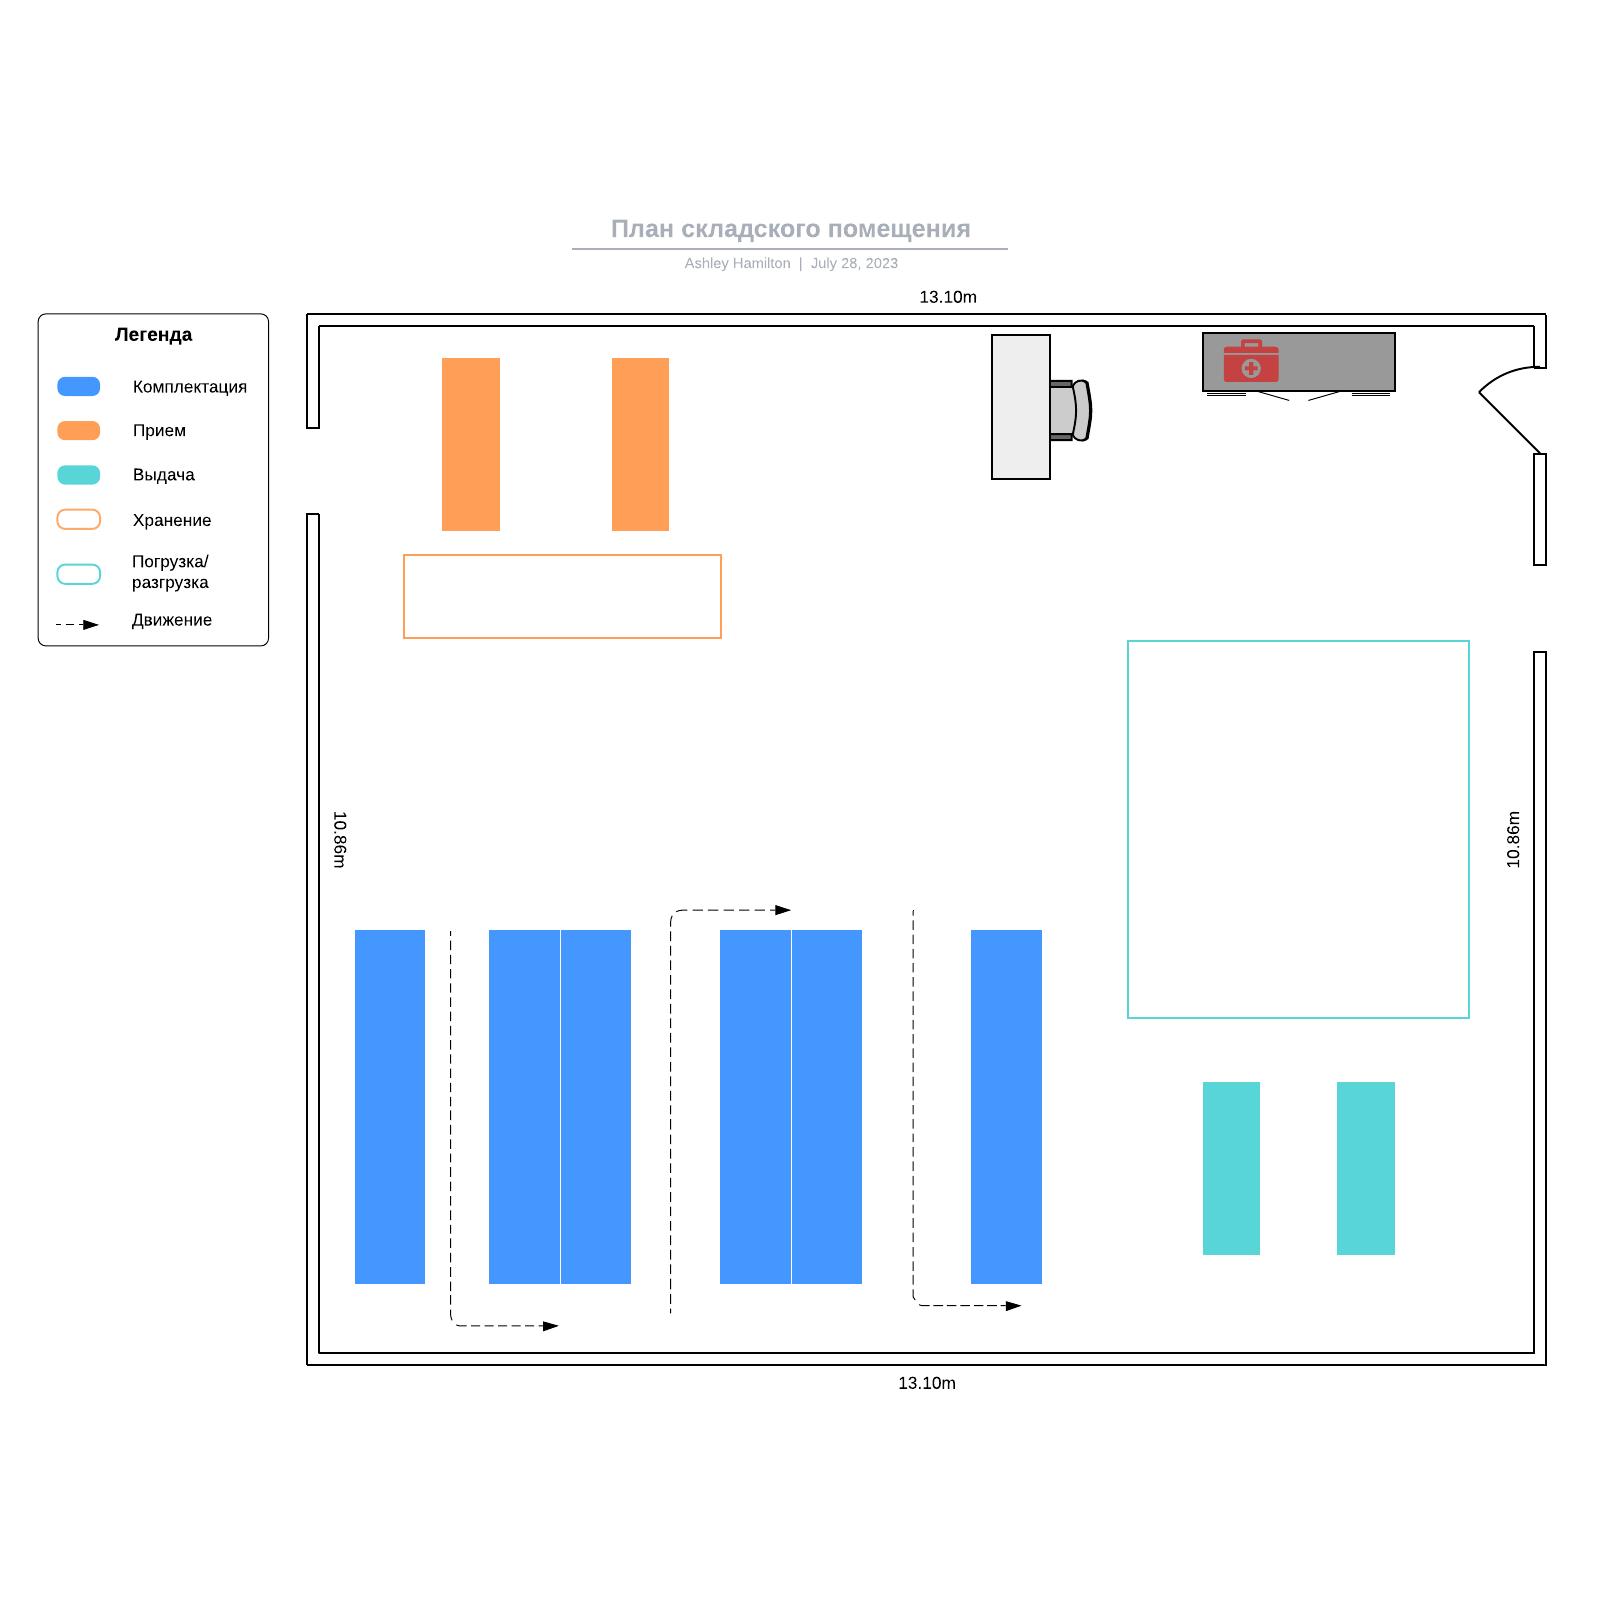 План складского помещения